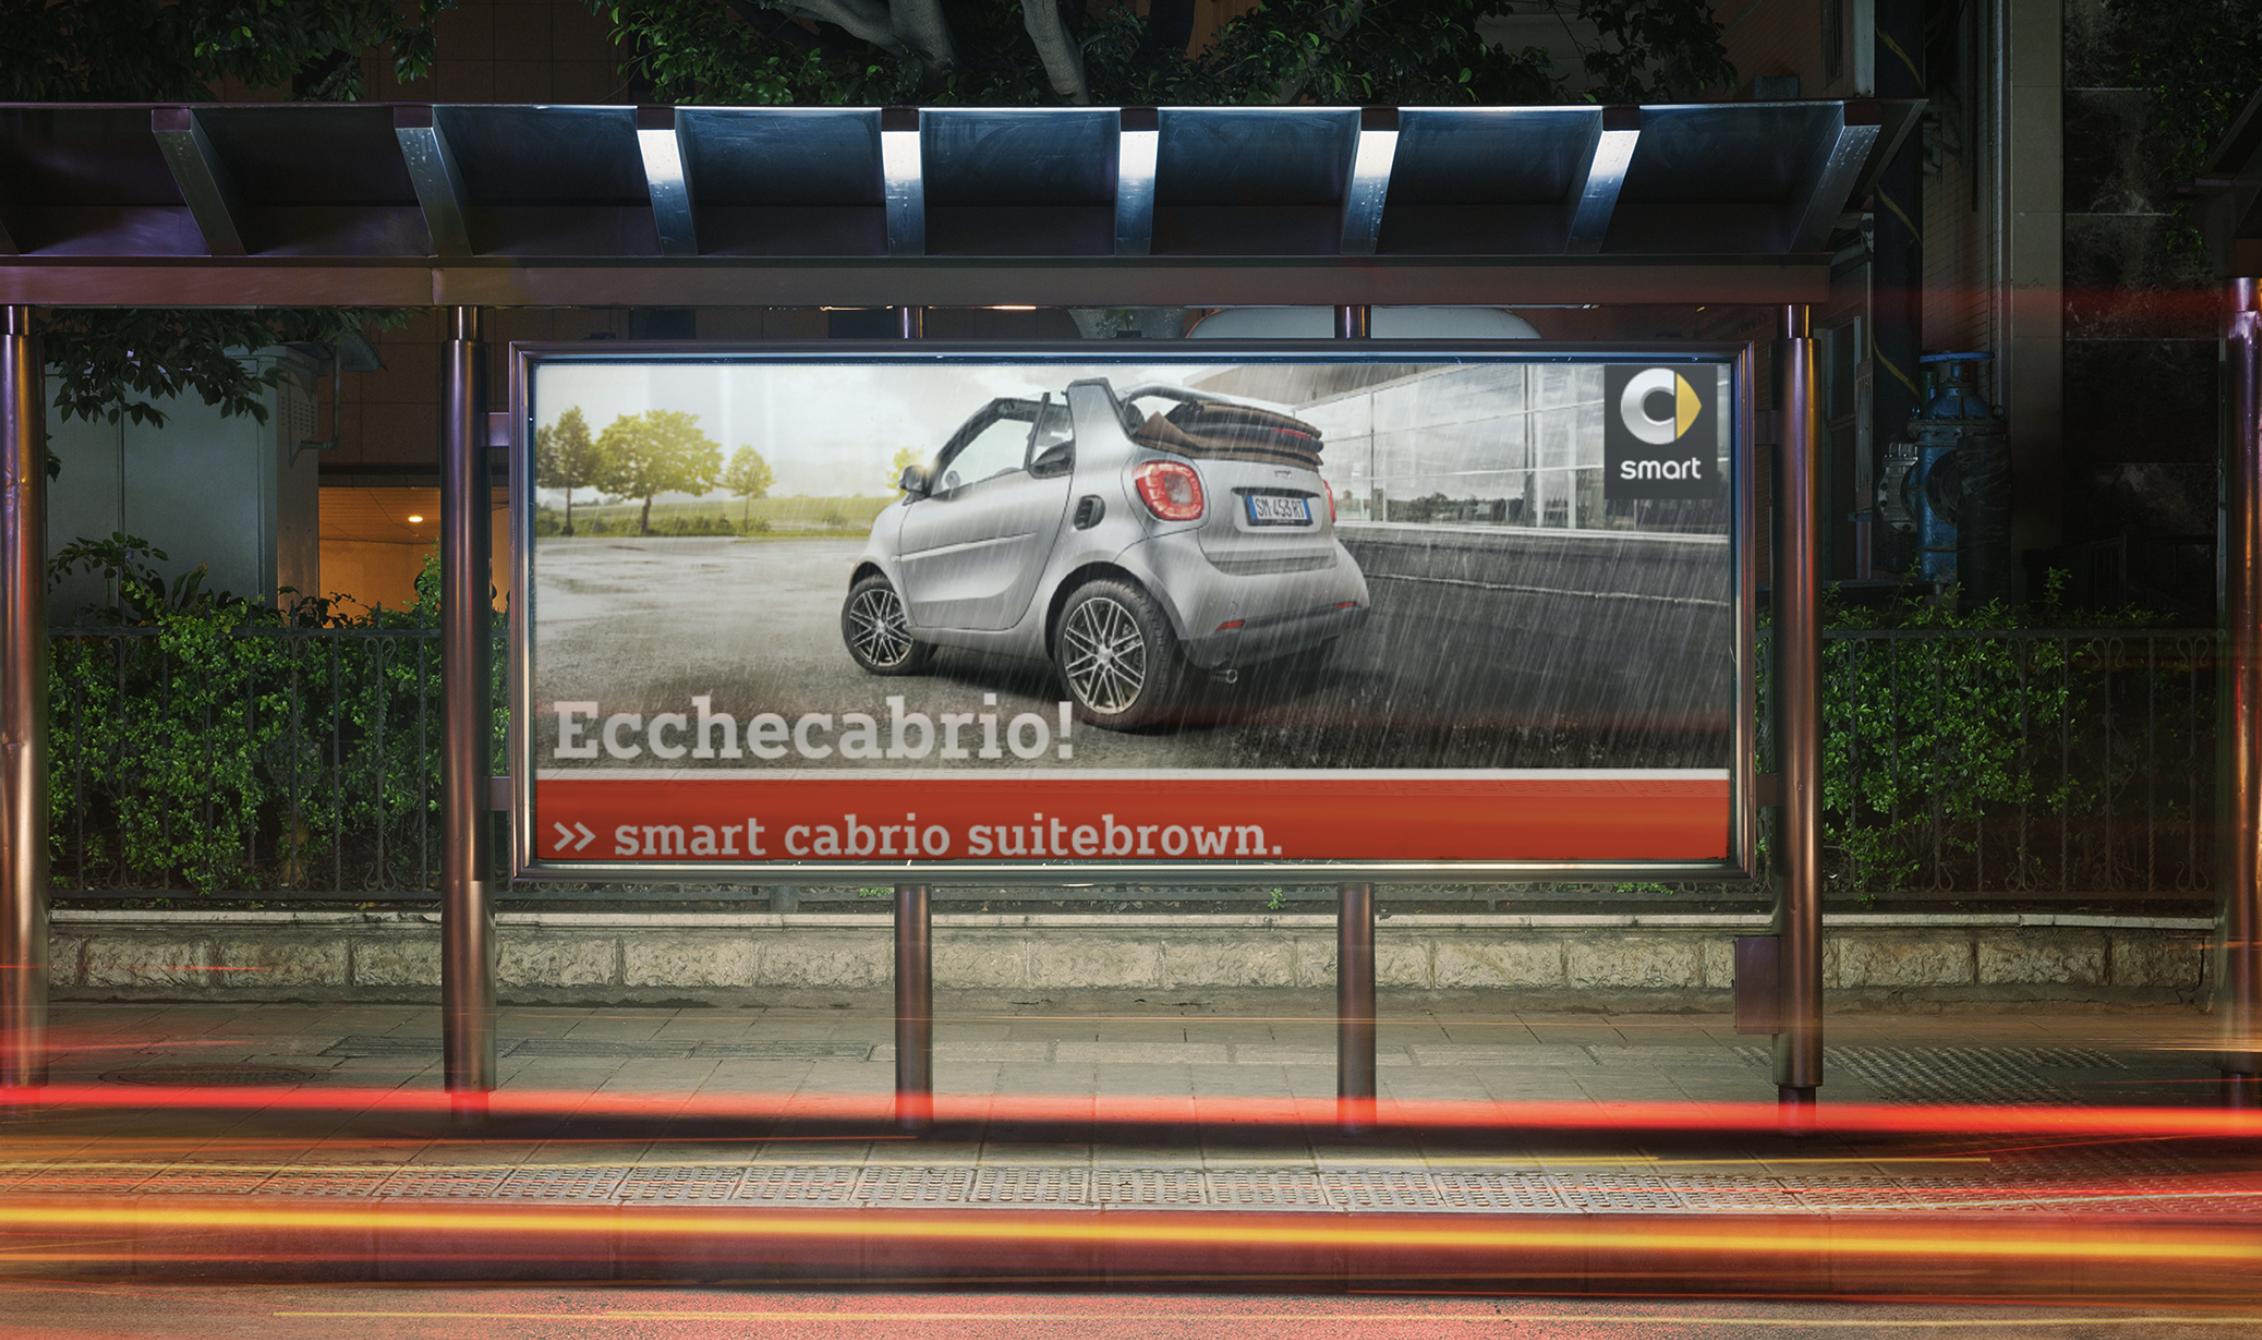 studio grafico roma campagna pubblicitaria